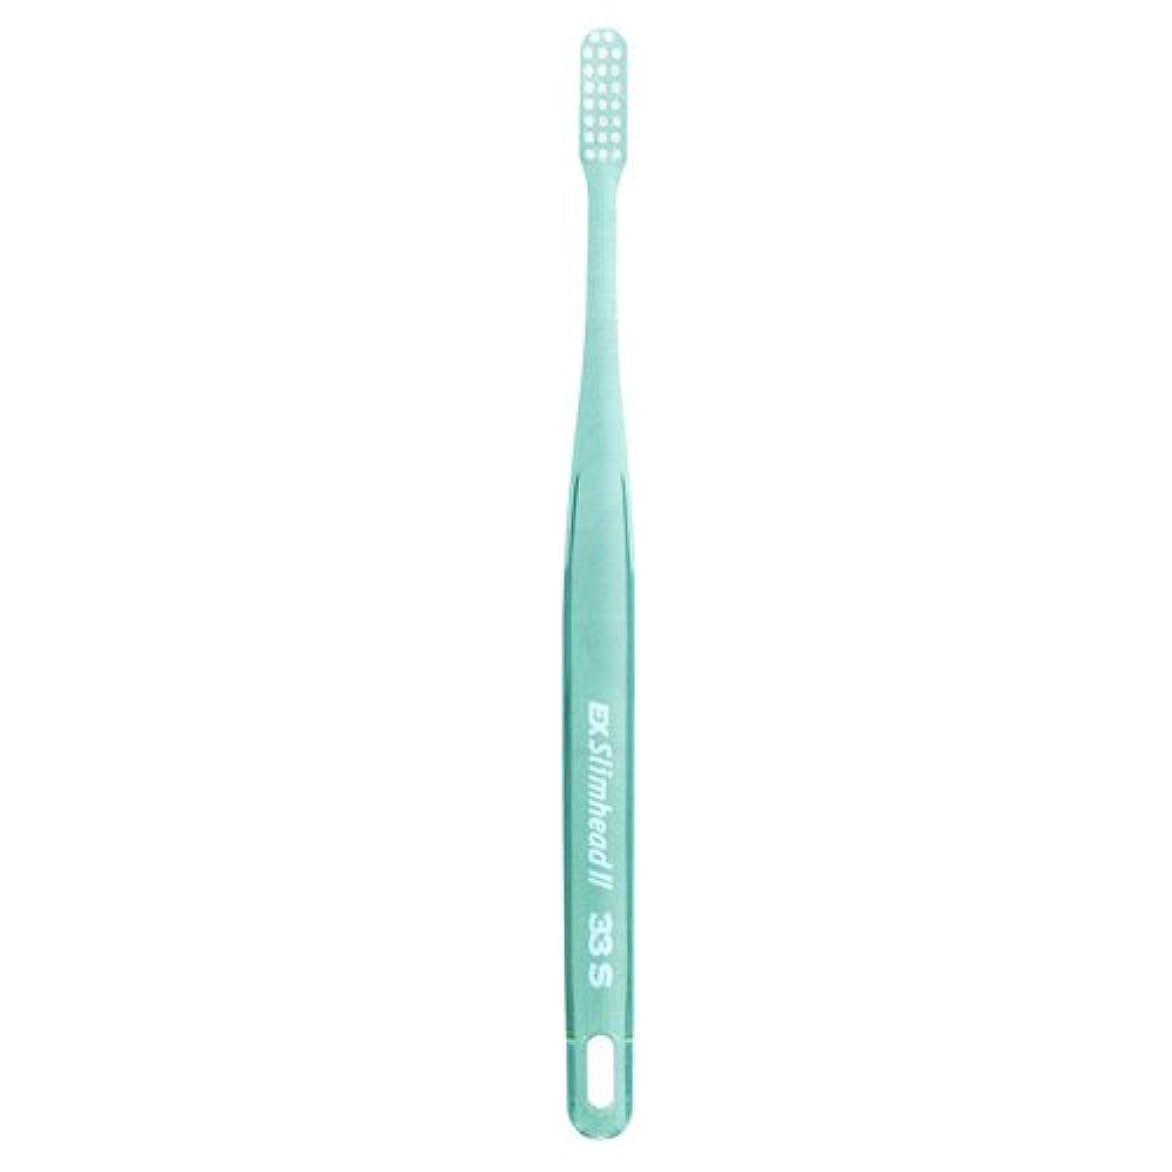 性能アトミック花輪ライオン スリムヘッド2 歯ブラシ DENT . EX Slimhead2 1本 33H クリアグリーン